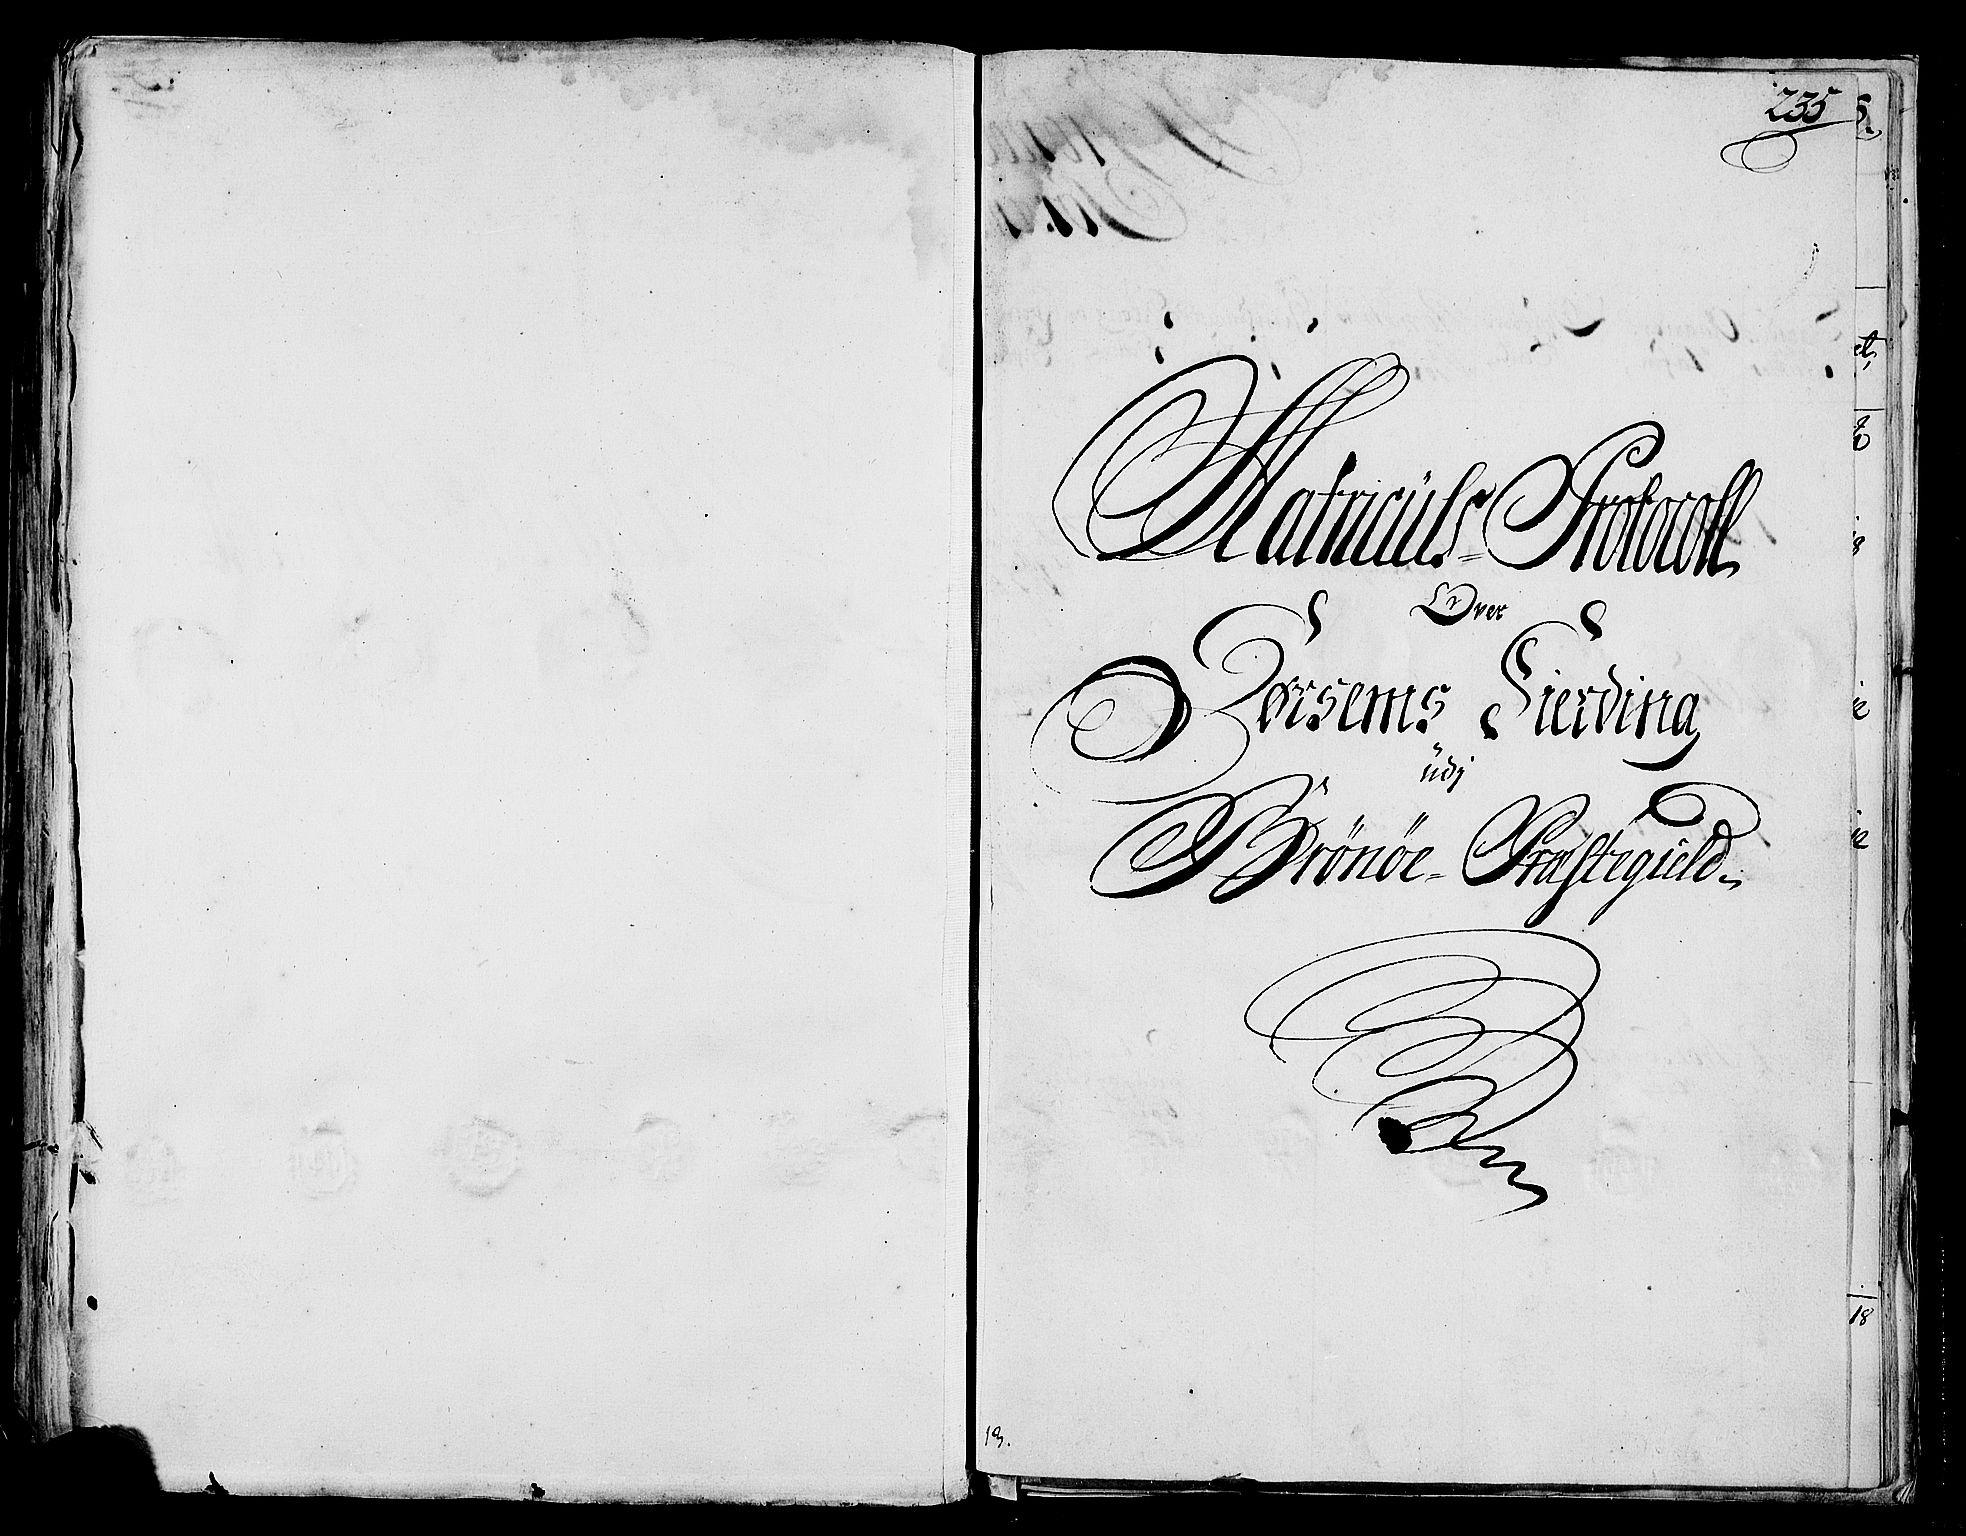 RA, Rentekammeret inntil 1814, Realistisk ordnet avdeling, N/Nb/Nbf/L0170: Helgeland eksaminasjonsprotokoll, 1723, s. 234b-235a